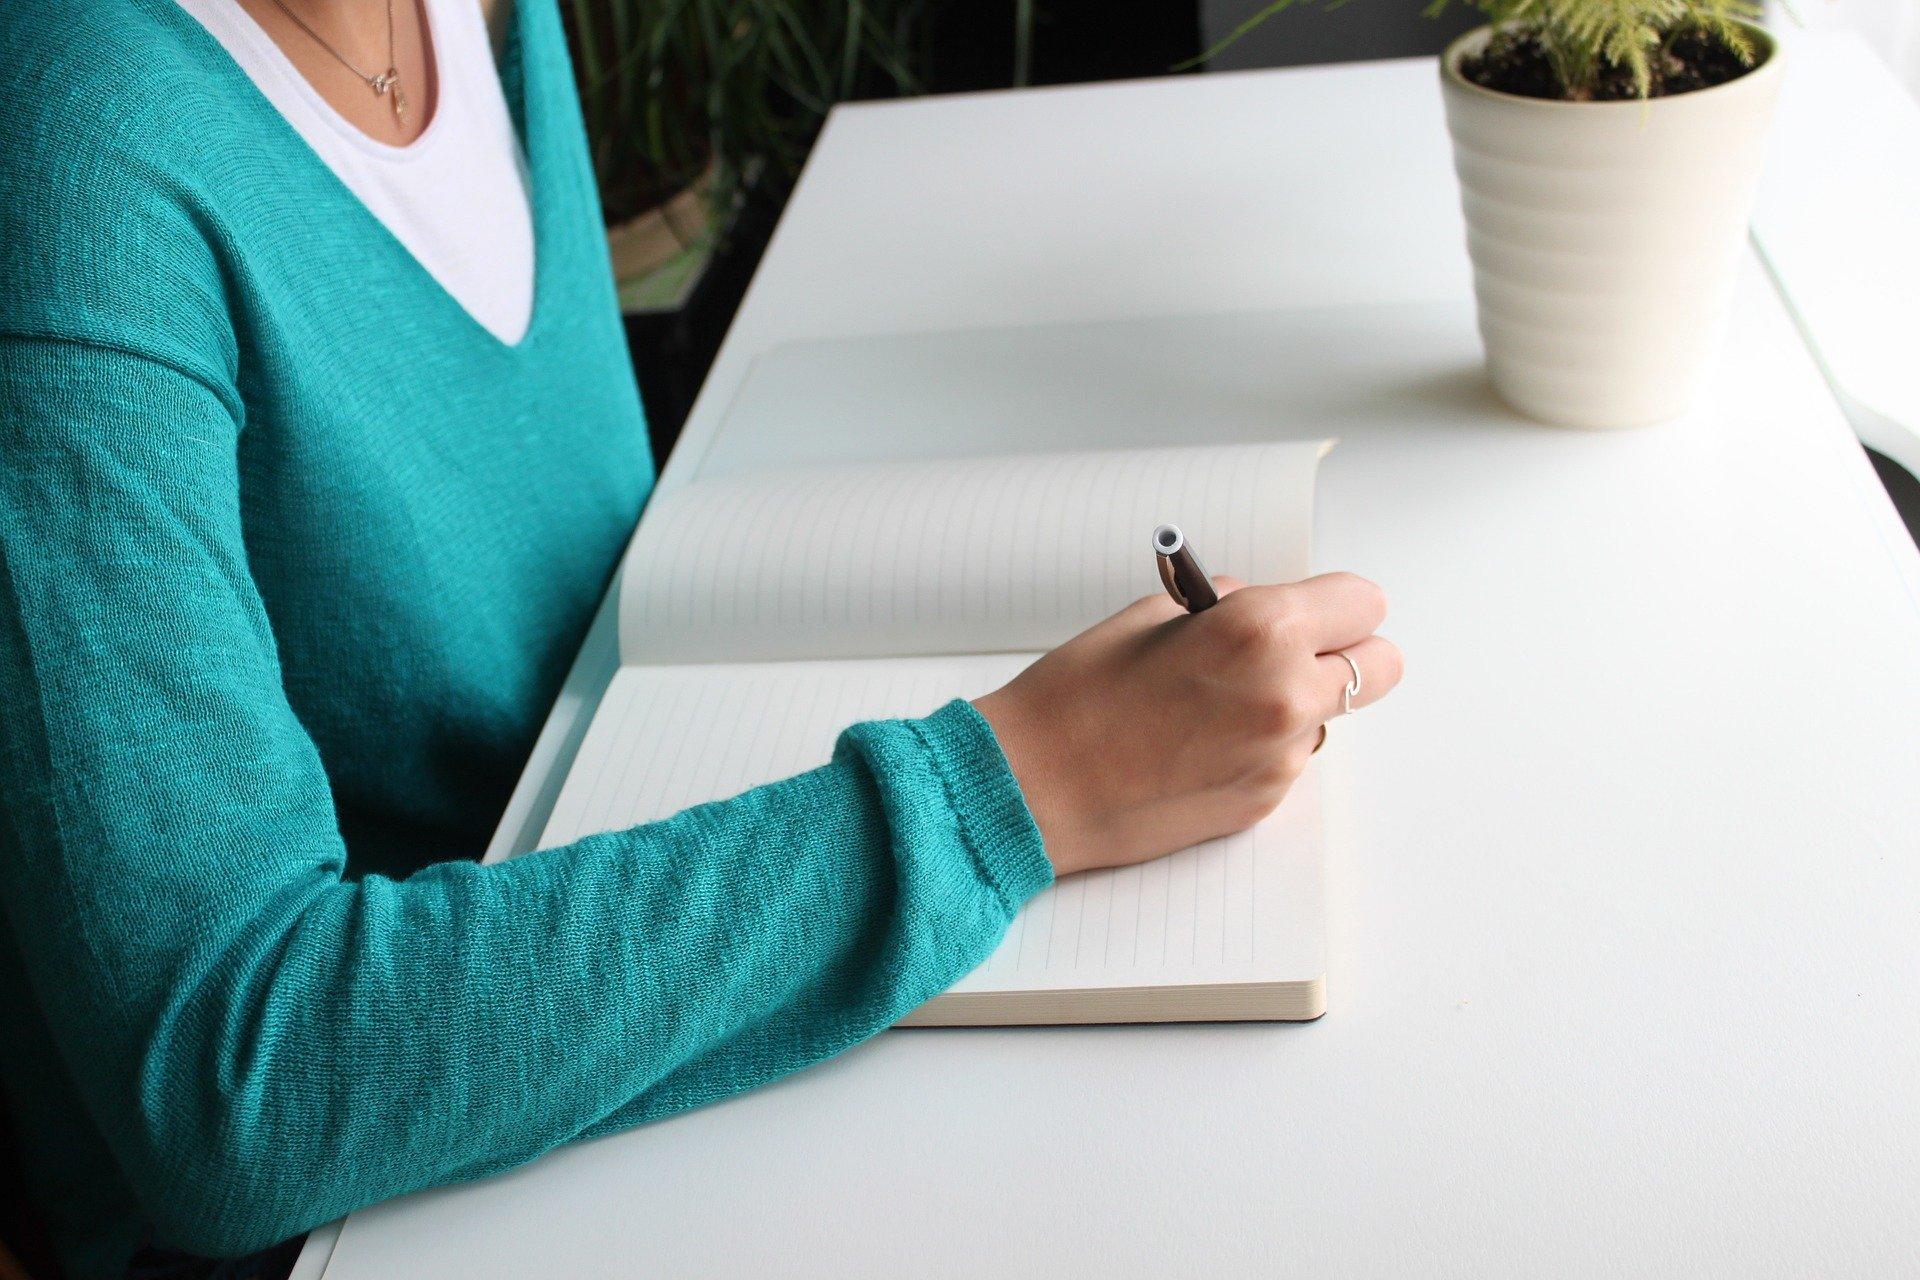 ノートに書きこむ女性